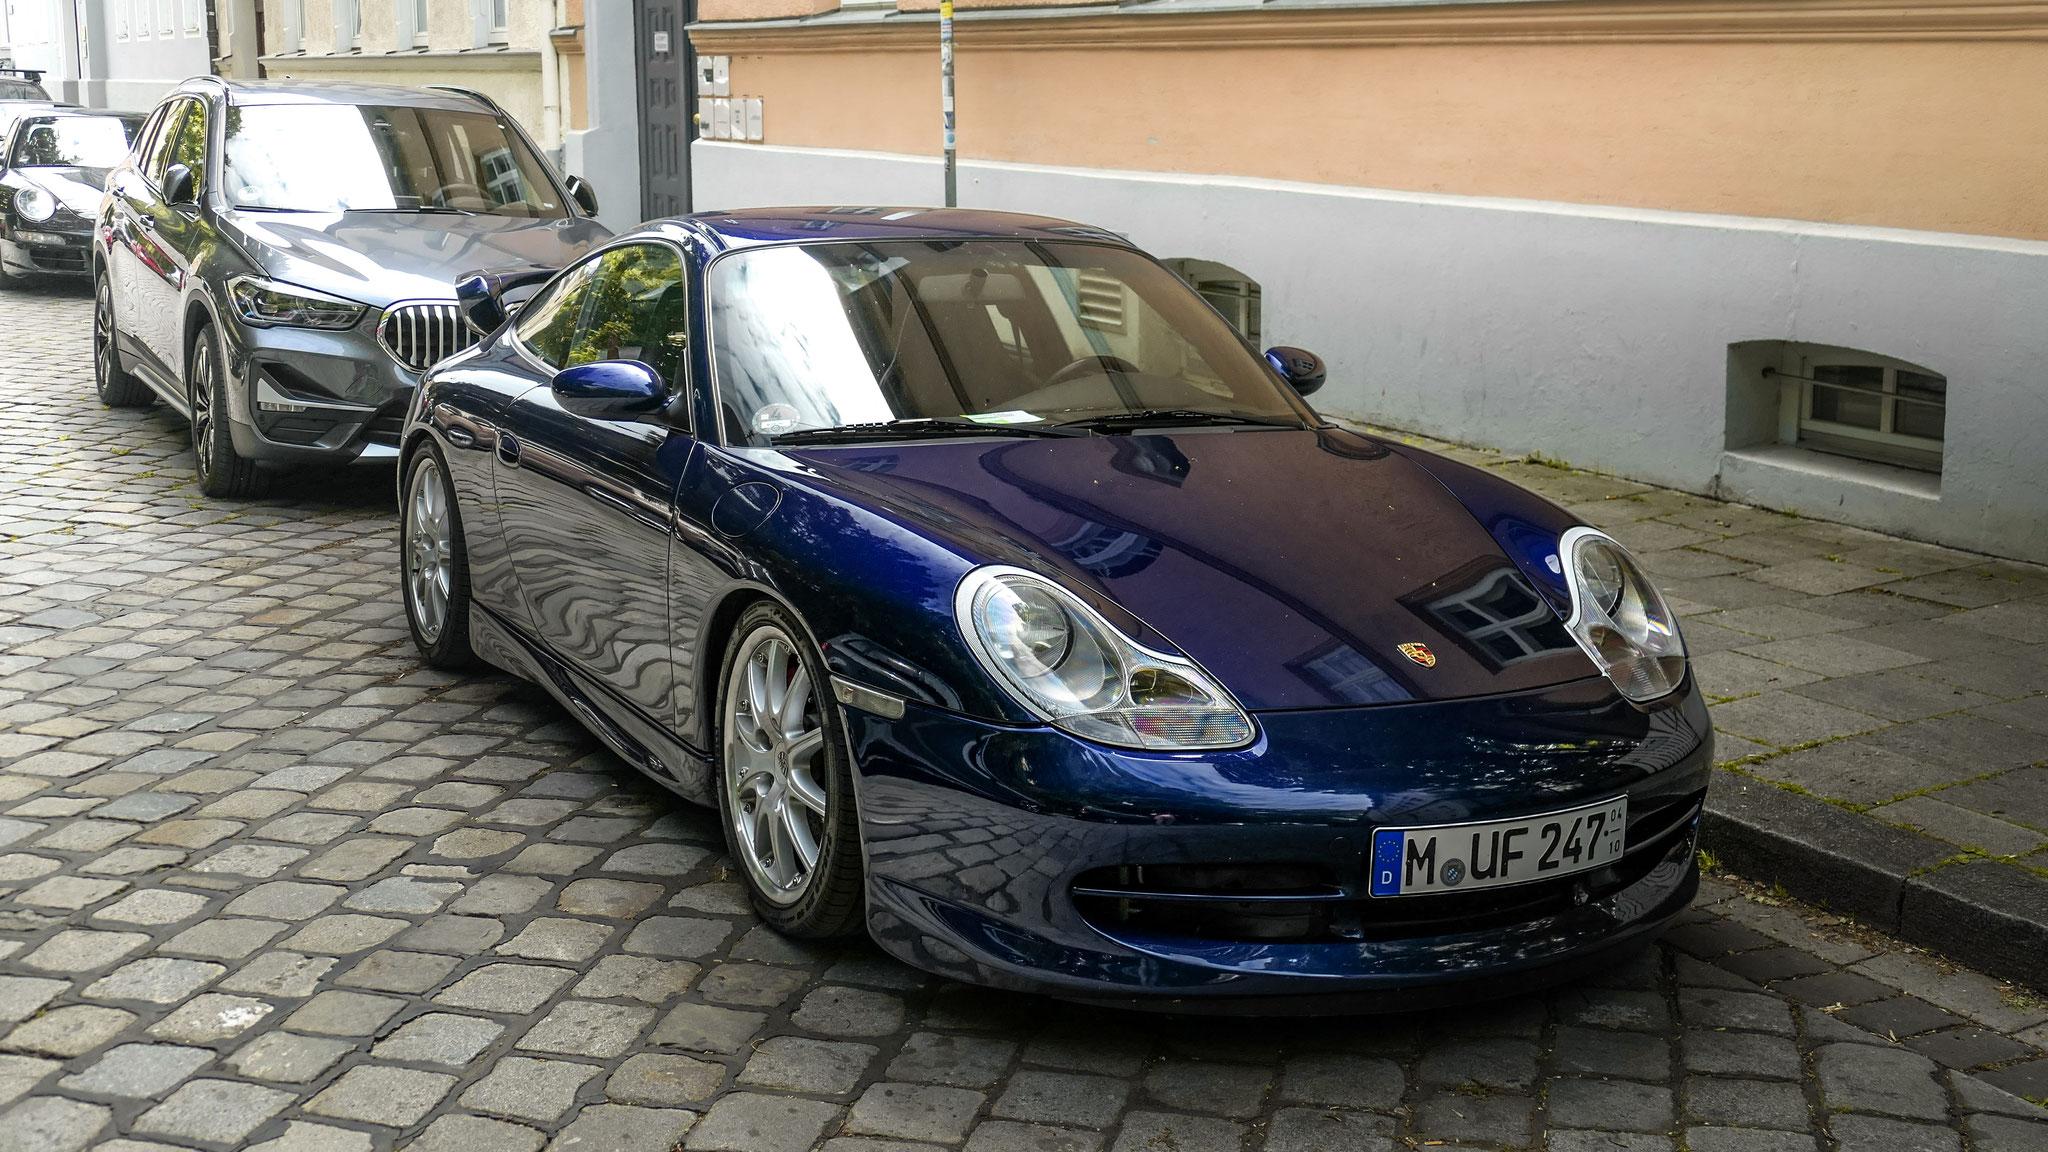 Porsche GT3 996 - M-UF-247